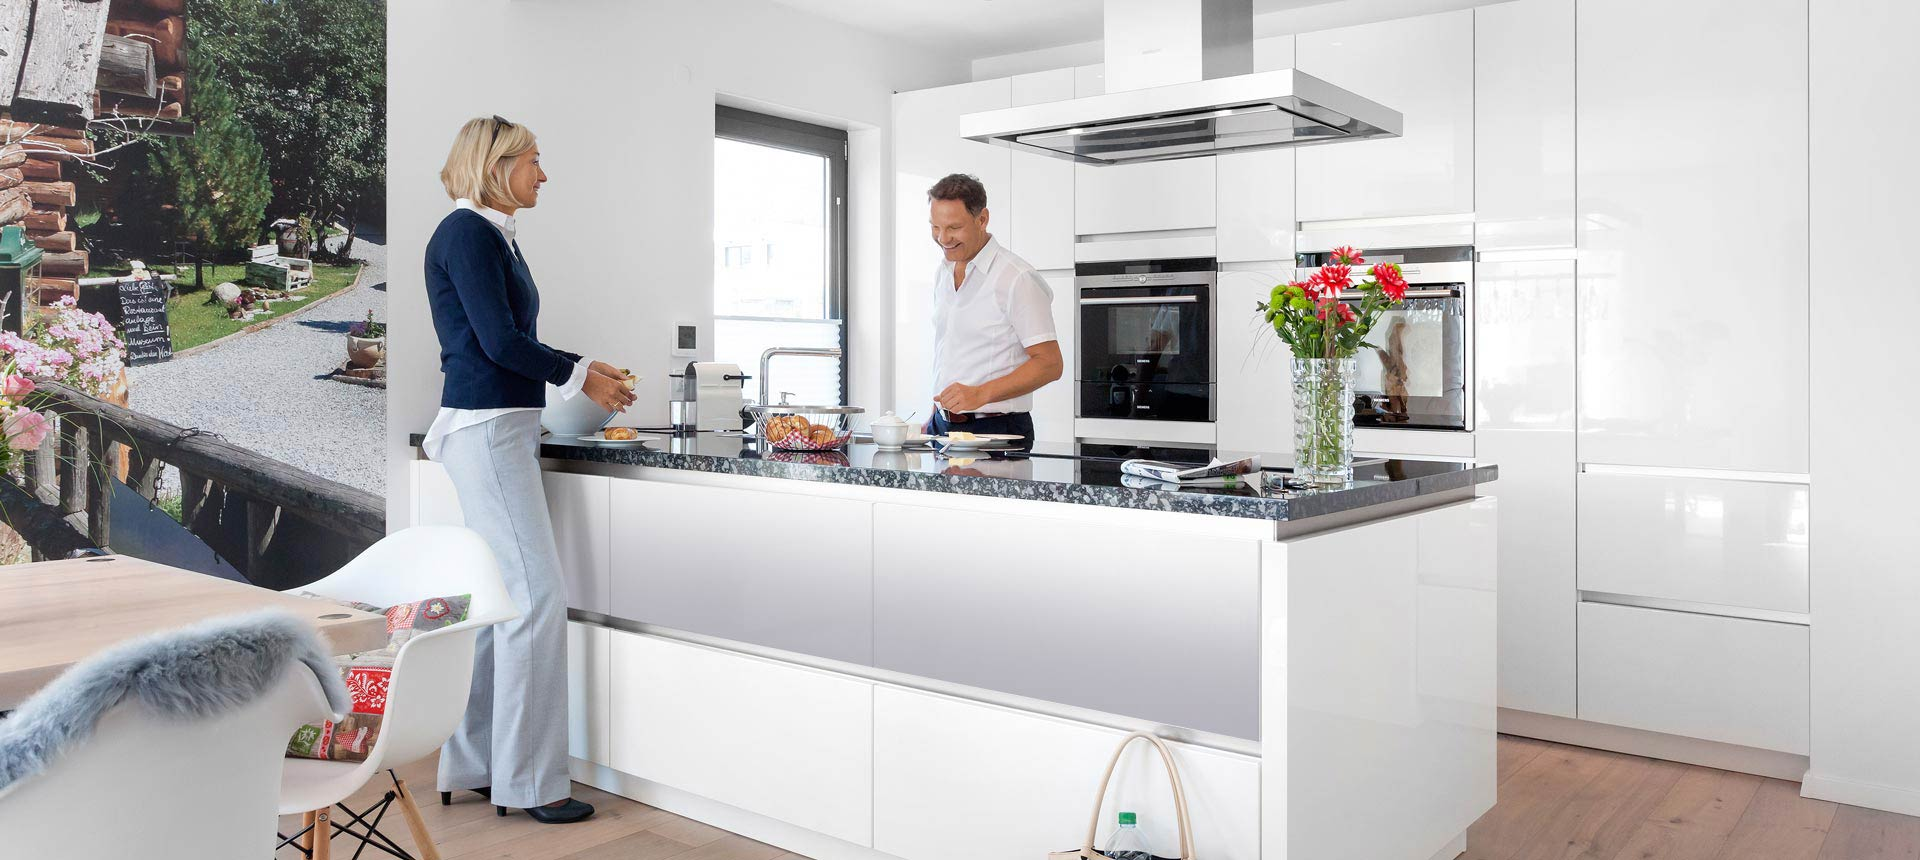 Full Size of Kücheninsel Freistehend Kchendesigns Mit Kochinseln 2020 Sowie Tipps Schwrerhaus Freistehende Küche Wohnzimmer Kücheninsel Freistehend